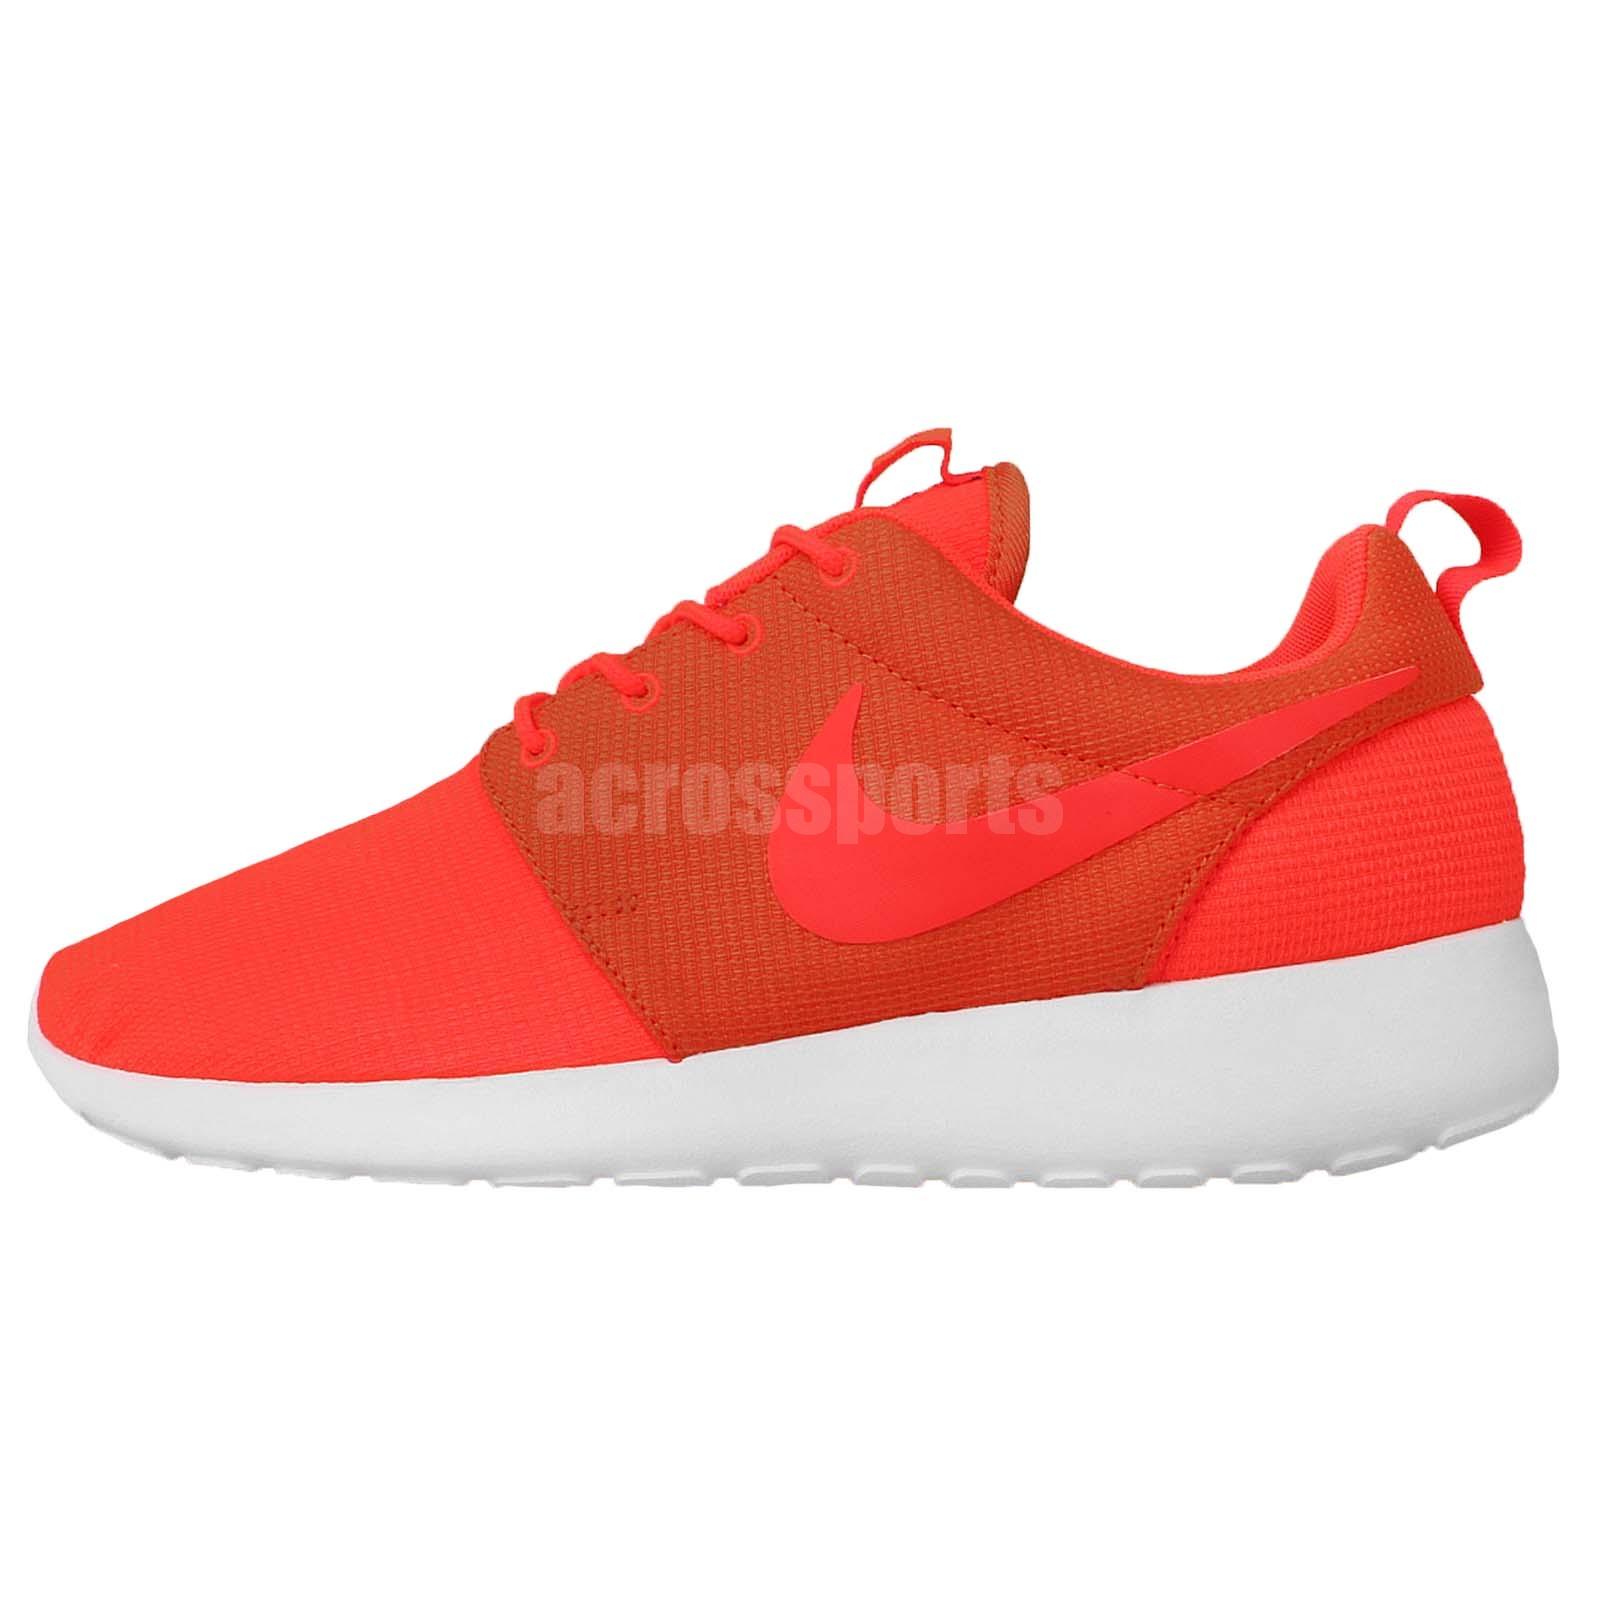 nike rosherun roshe run orange crimson white mens running. Black Bedroom Furniture Sets. Home Design Ideas